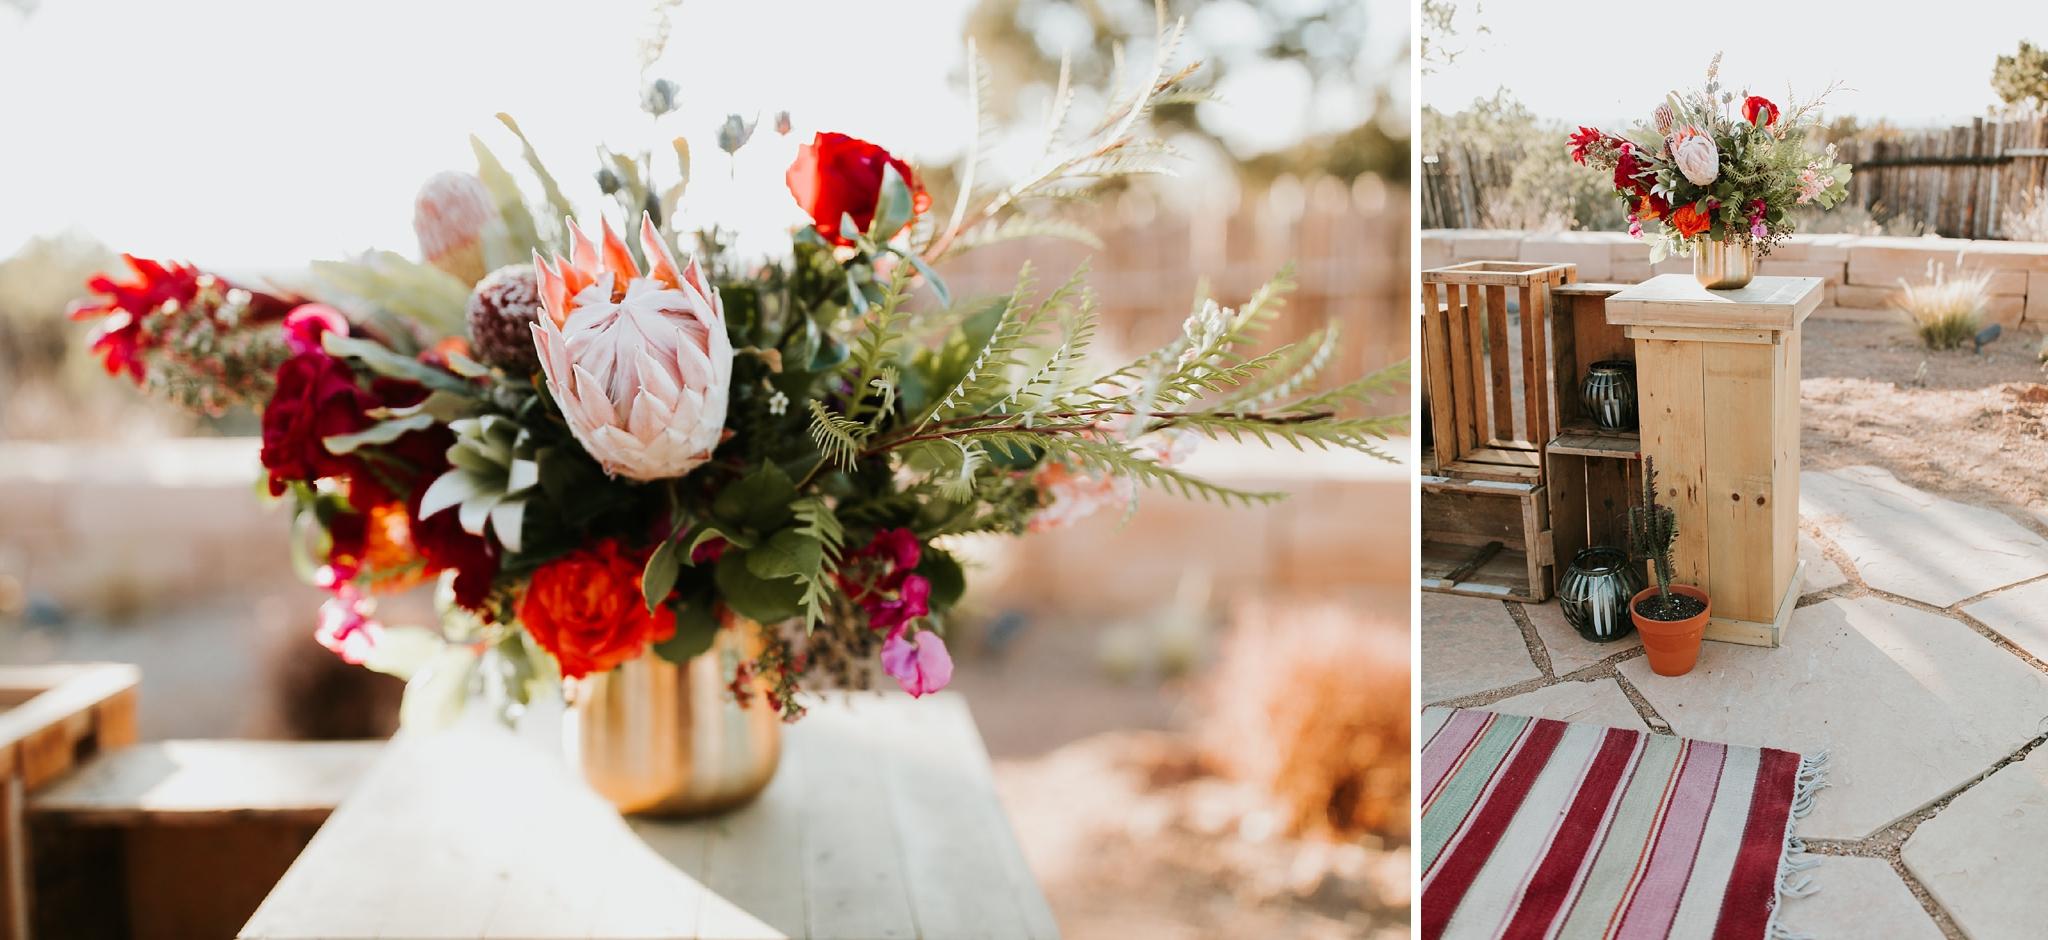 Alicia+lucia+photography+-+albuquerque+wedding+photographer+-+santa+fe+wedding+photography+-+new+mexico+wedding+photographer+-+new+mexico+wedding+-+new+mexico+florist+-+floriography+flowers+-+floriography+flowers+new+mexico+-+wedding+florist_0054.jpg